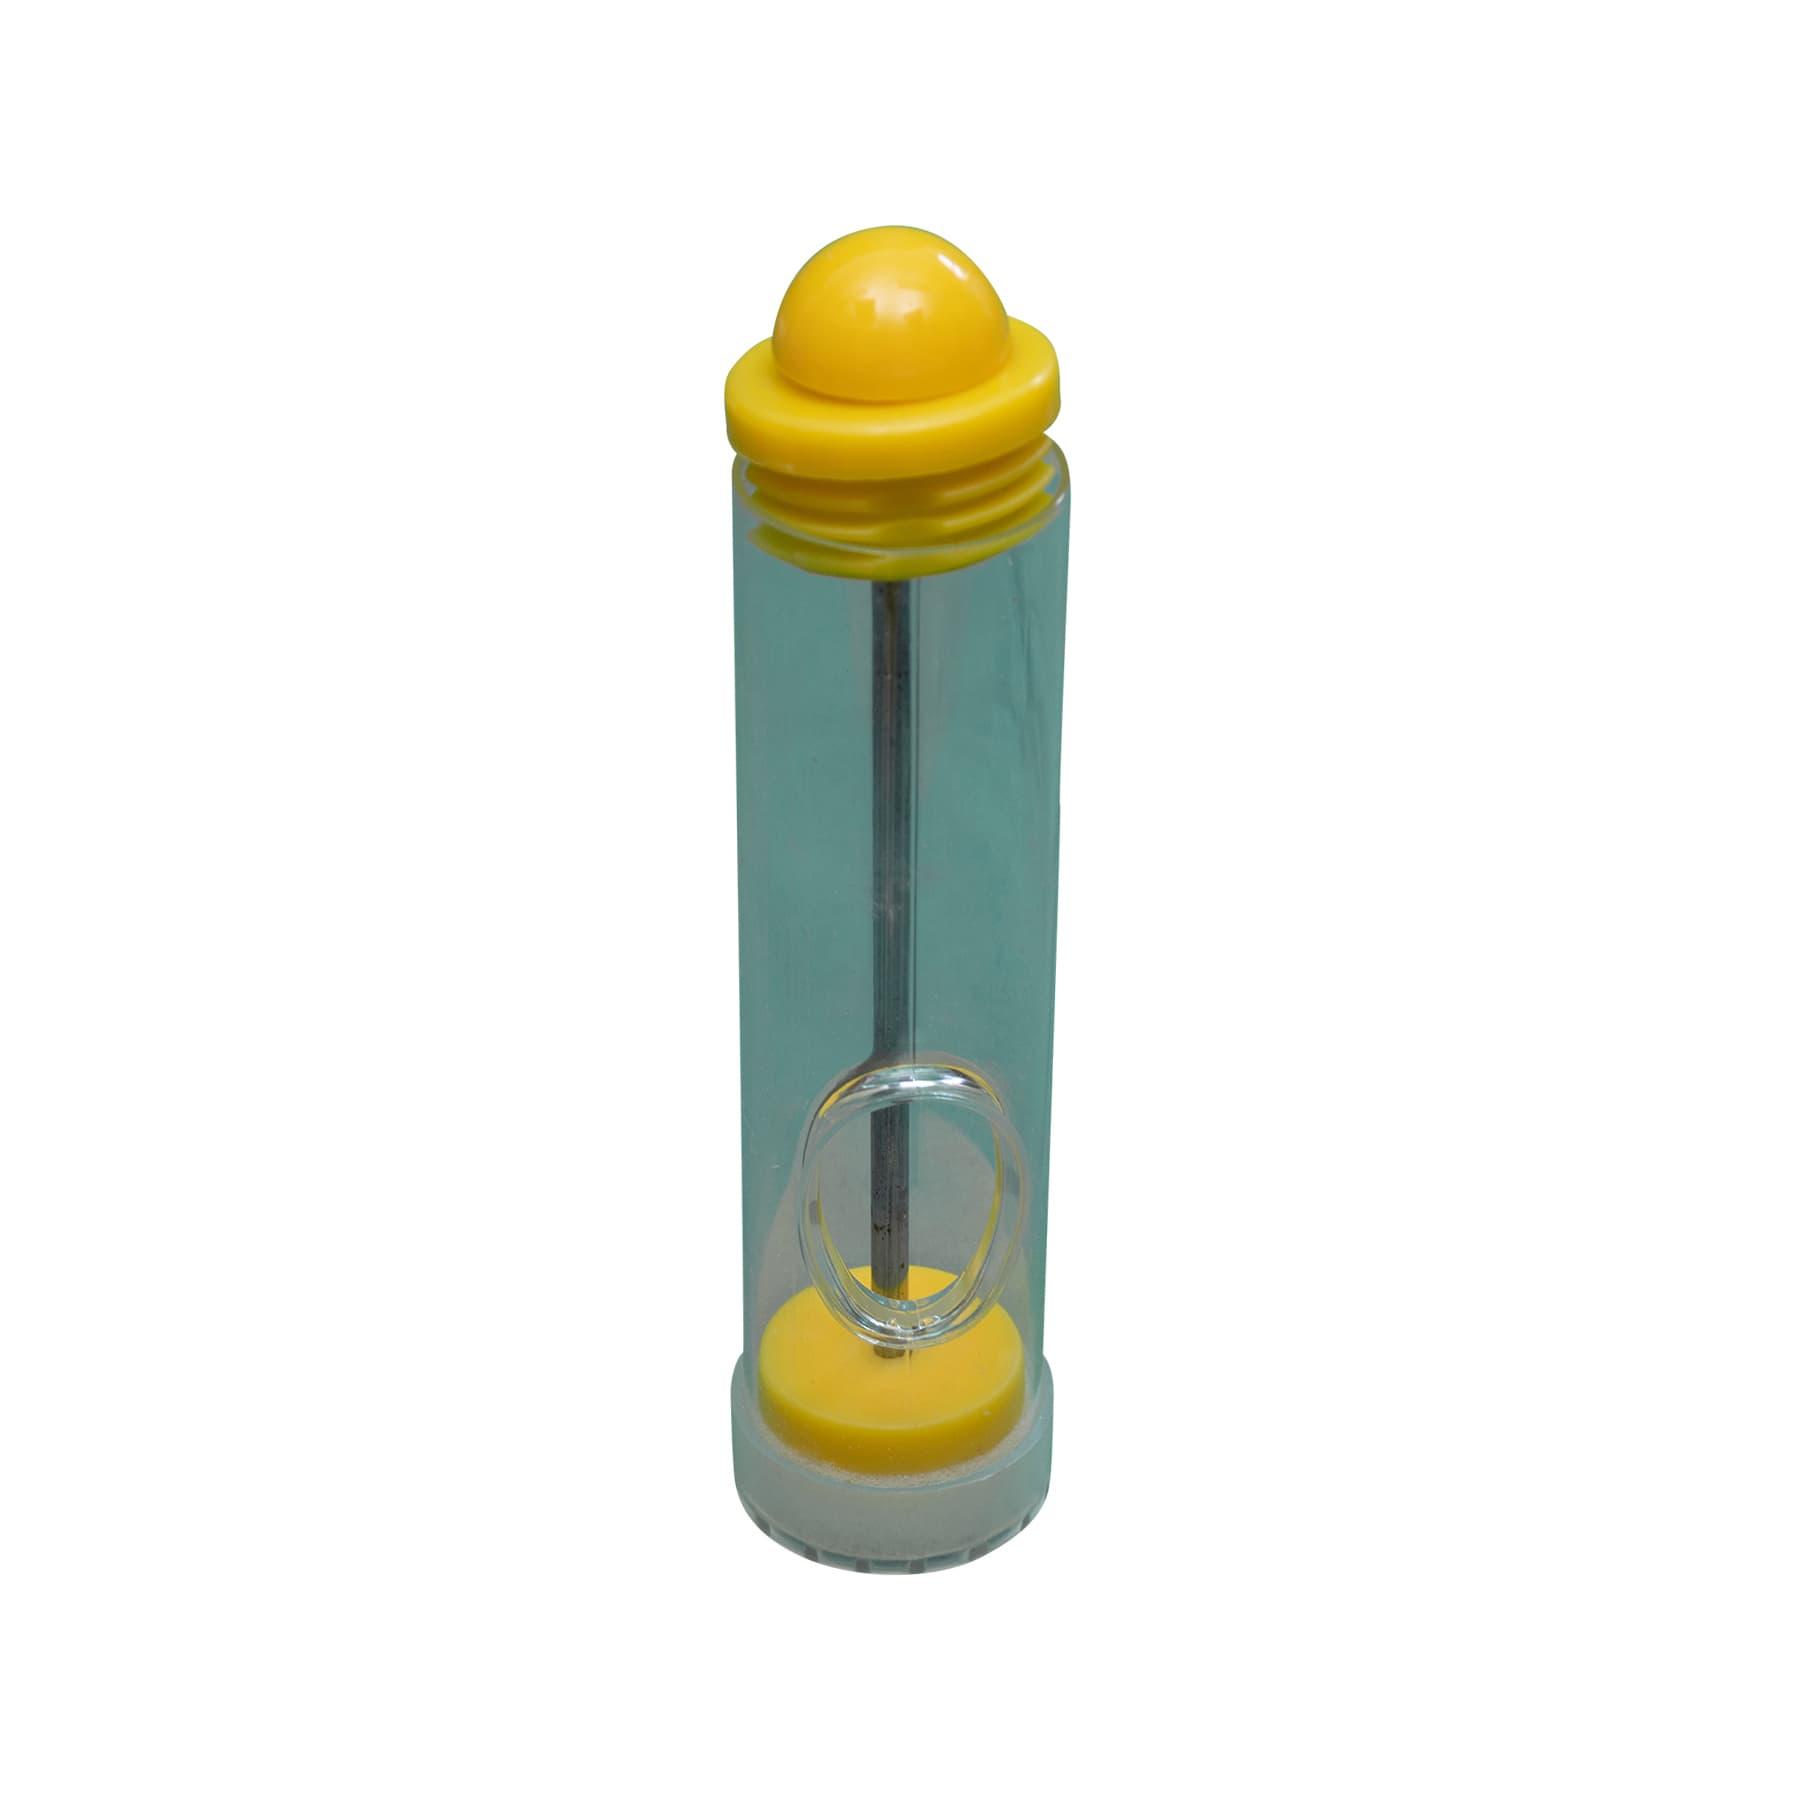 Zeichenrohr mit Schiebekork und seitlicher Öffnung, gelb